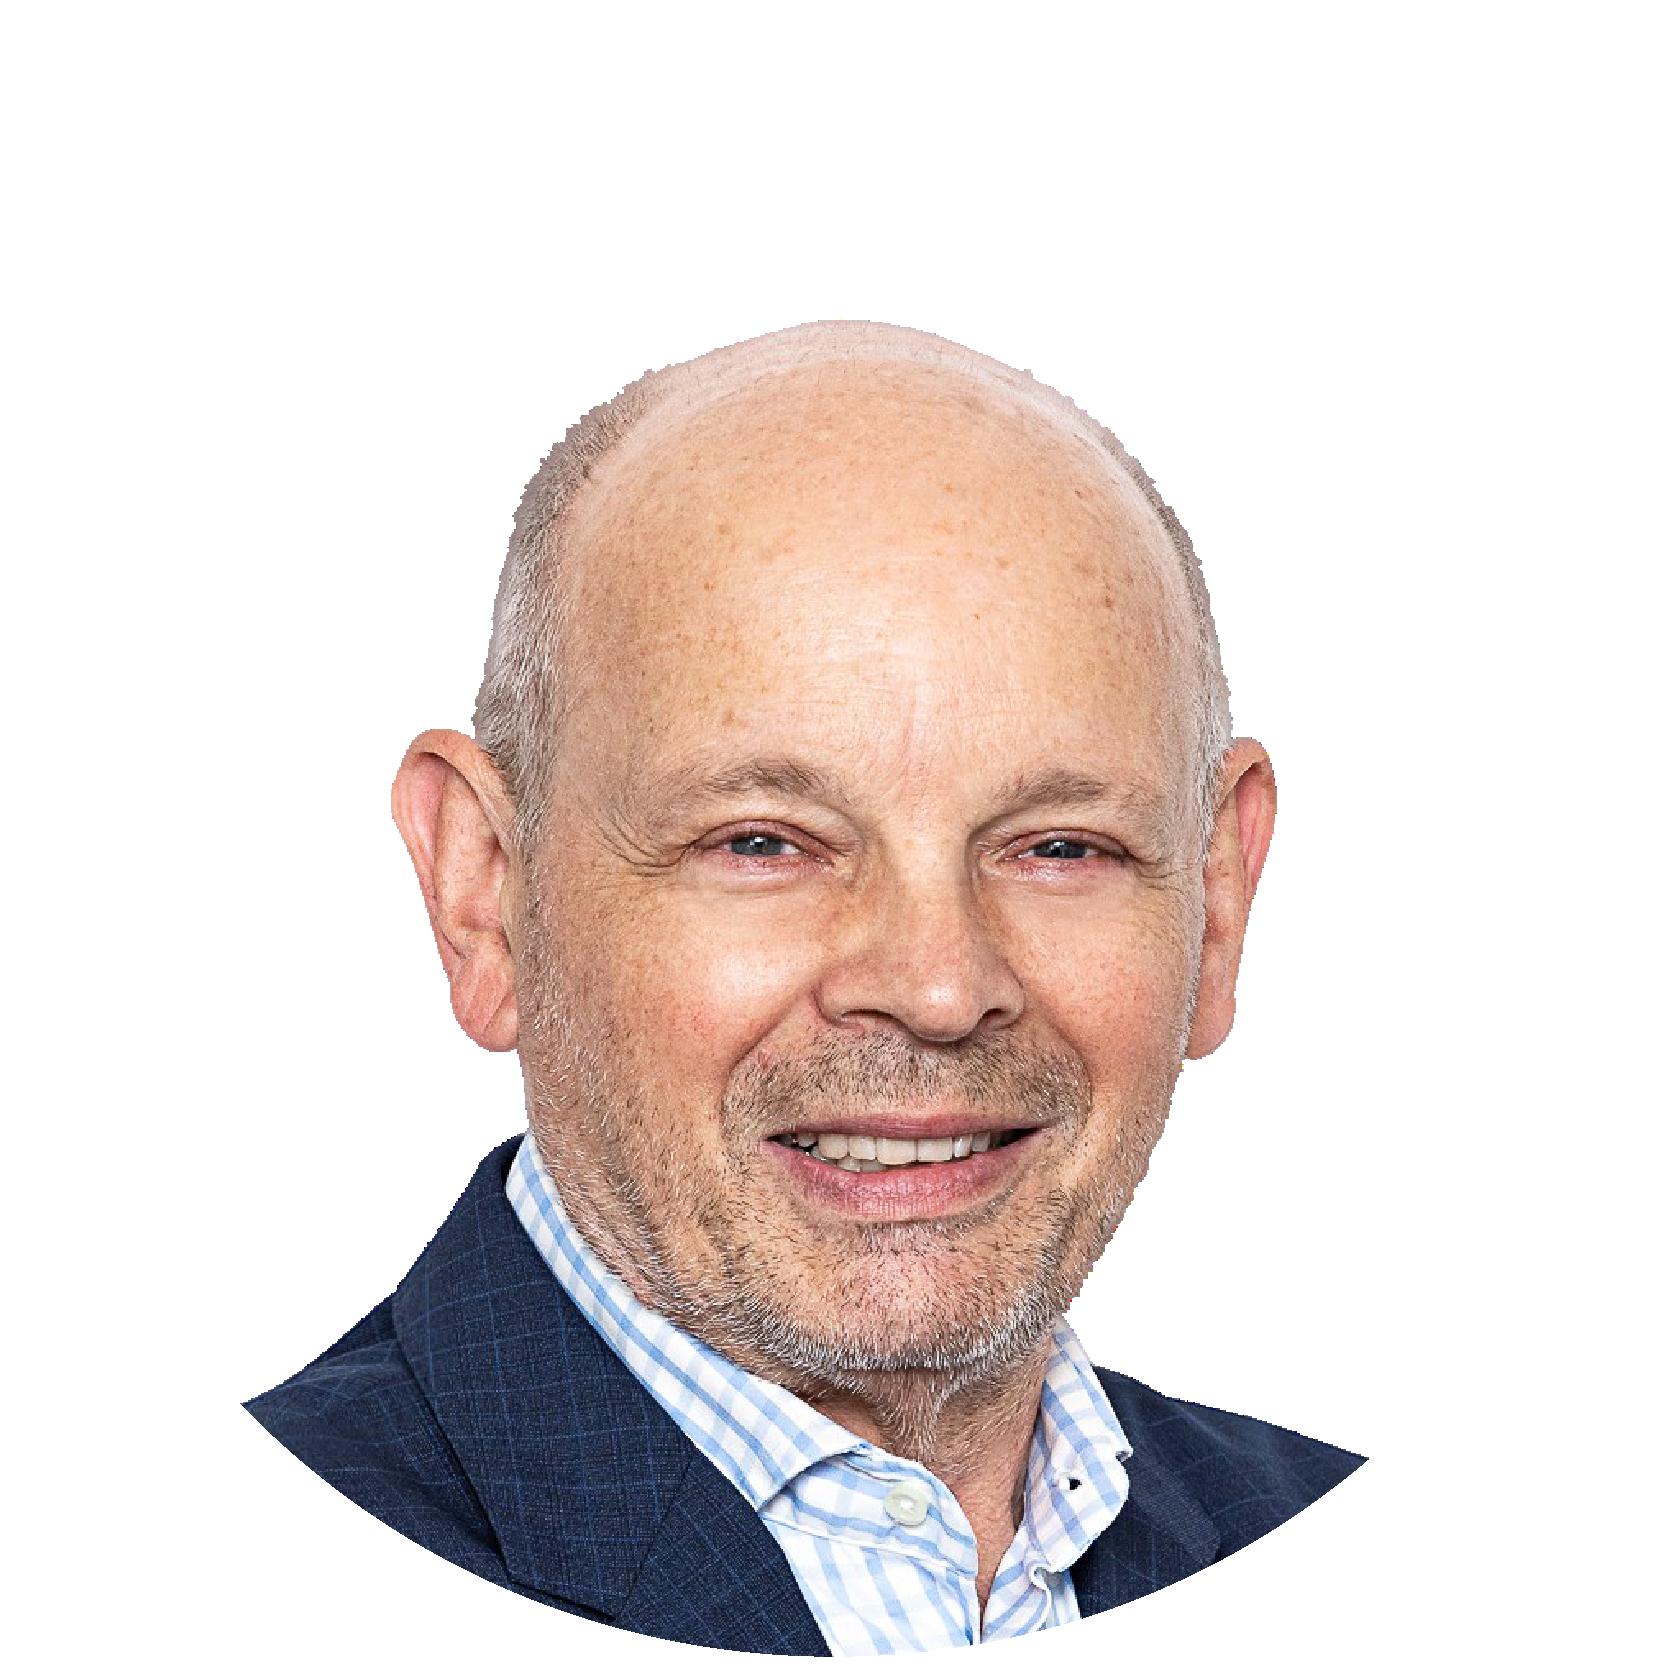 Der Journalist, Publizist und PR-Experte, Peter Menasse, moderiert seit 2015 den Menassetreff im Burgenland, Eisenstadt.